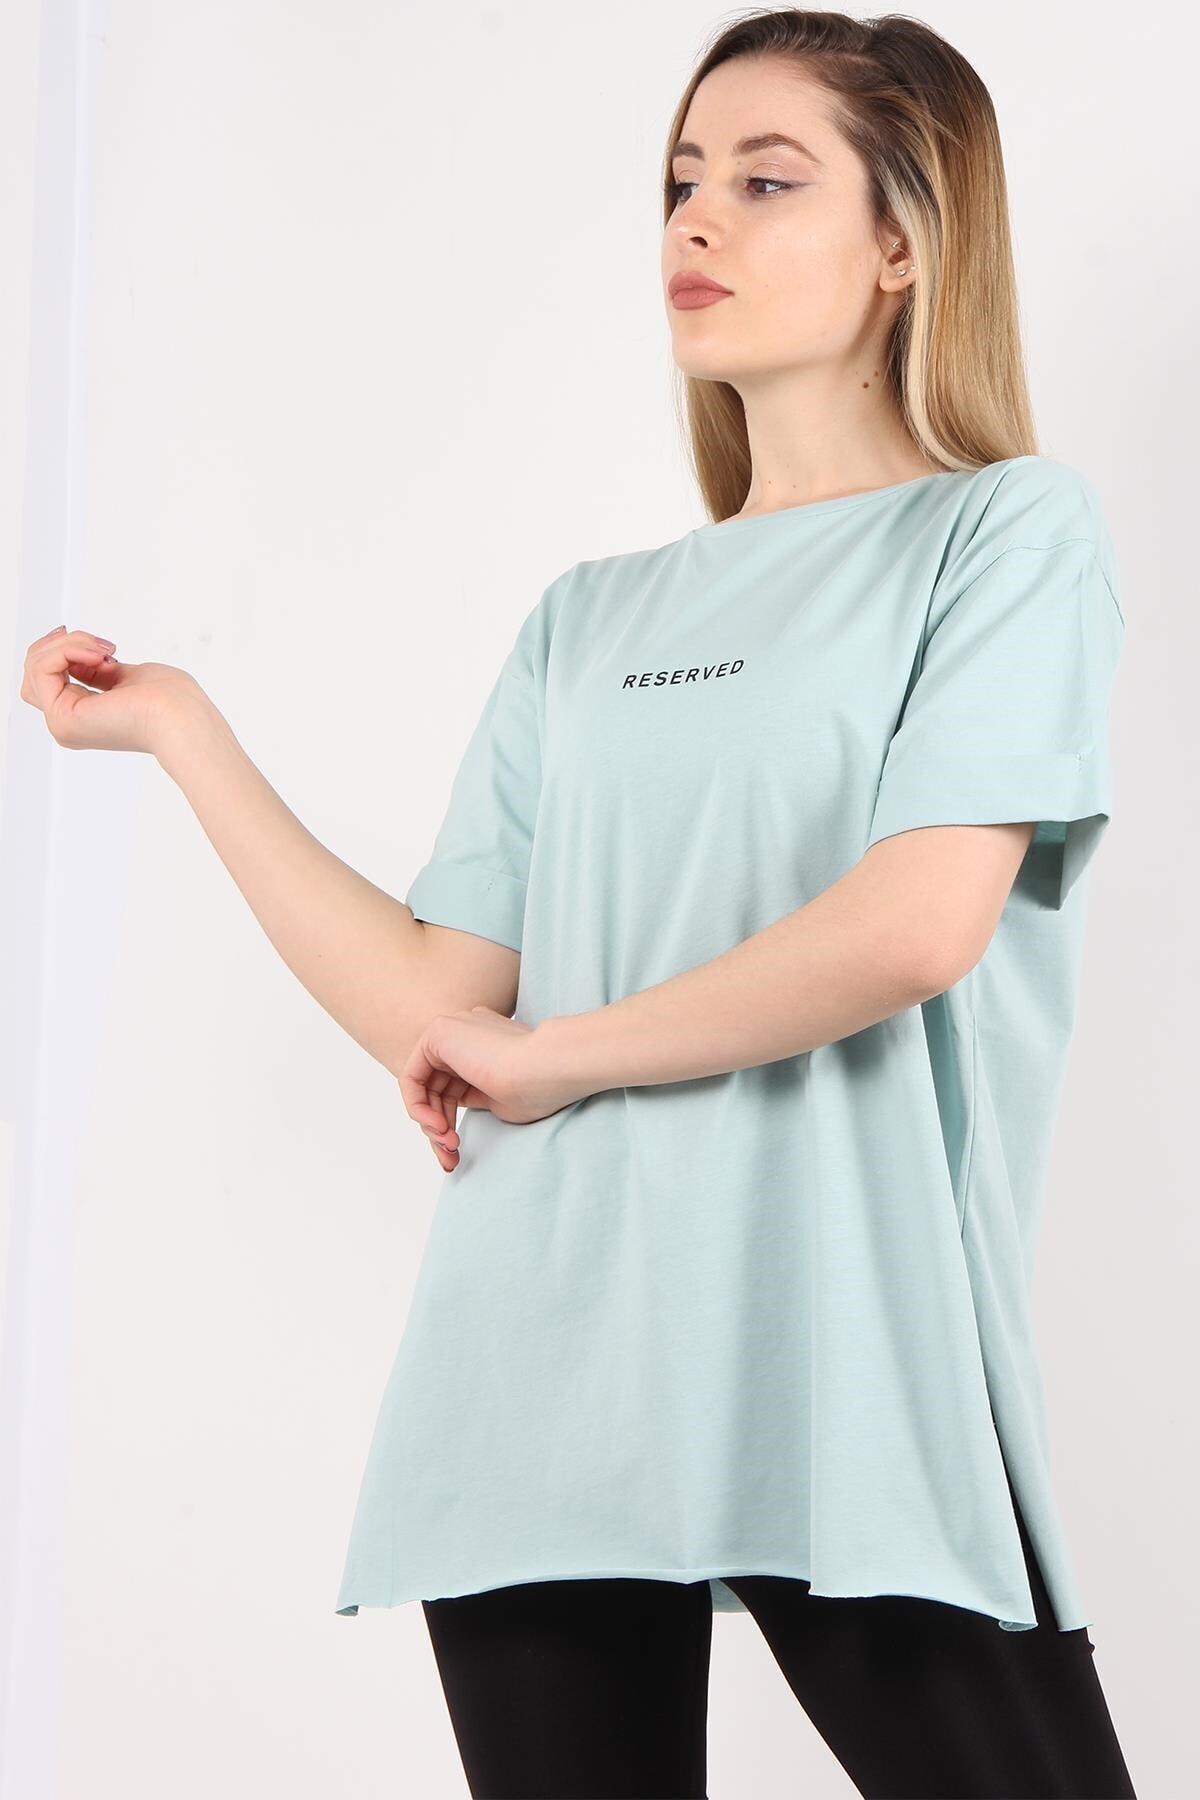 Mckanzie 1068 Reserved Baskılı T-shirt 1